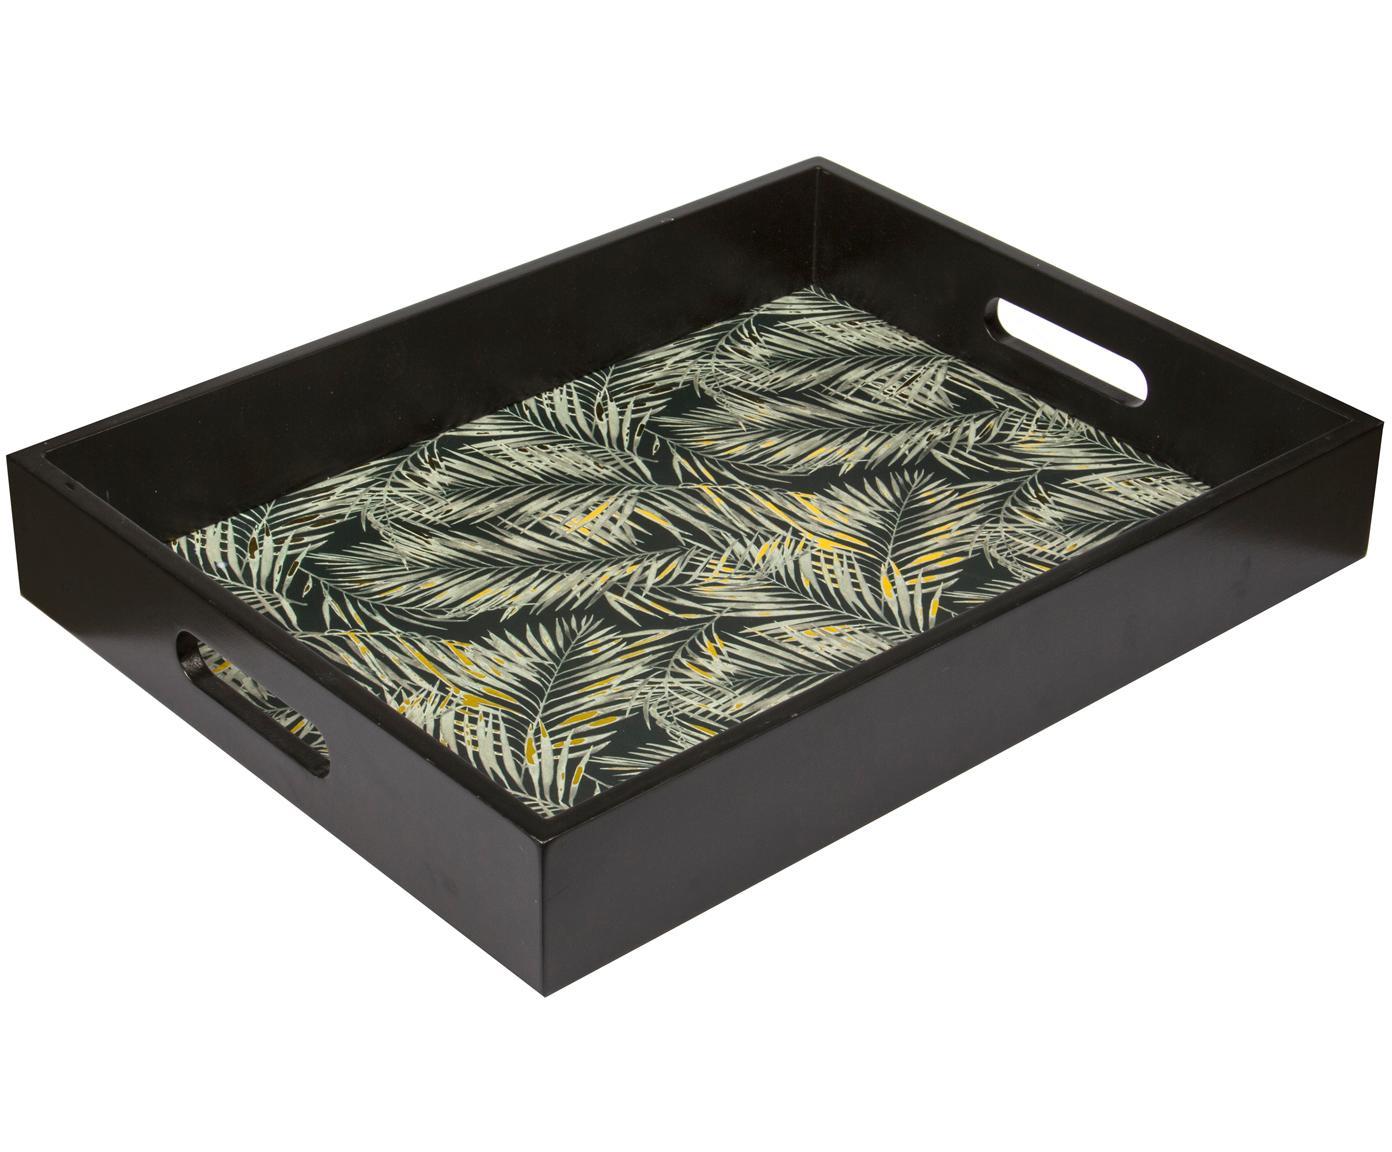 Gemustertes Holz-Serviertablett Laguna in Schwarz, Mitteldichte Holzfaserplatte (MDF), lackiert, Schwarz, Beige, Goldfarben, B 41 x T 31 cm